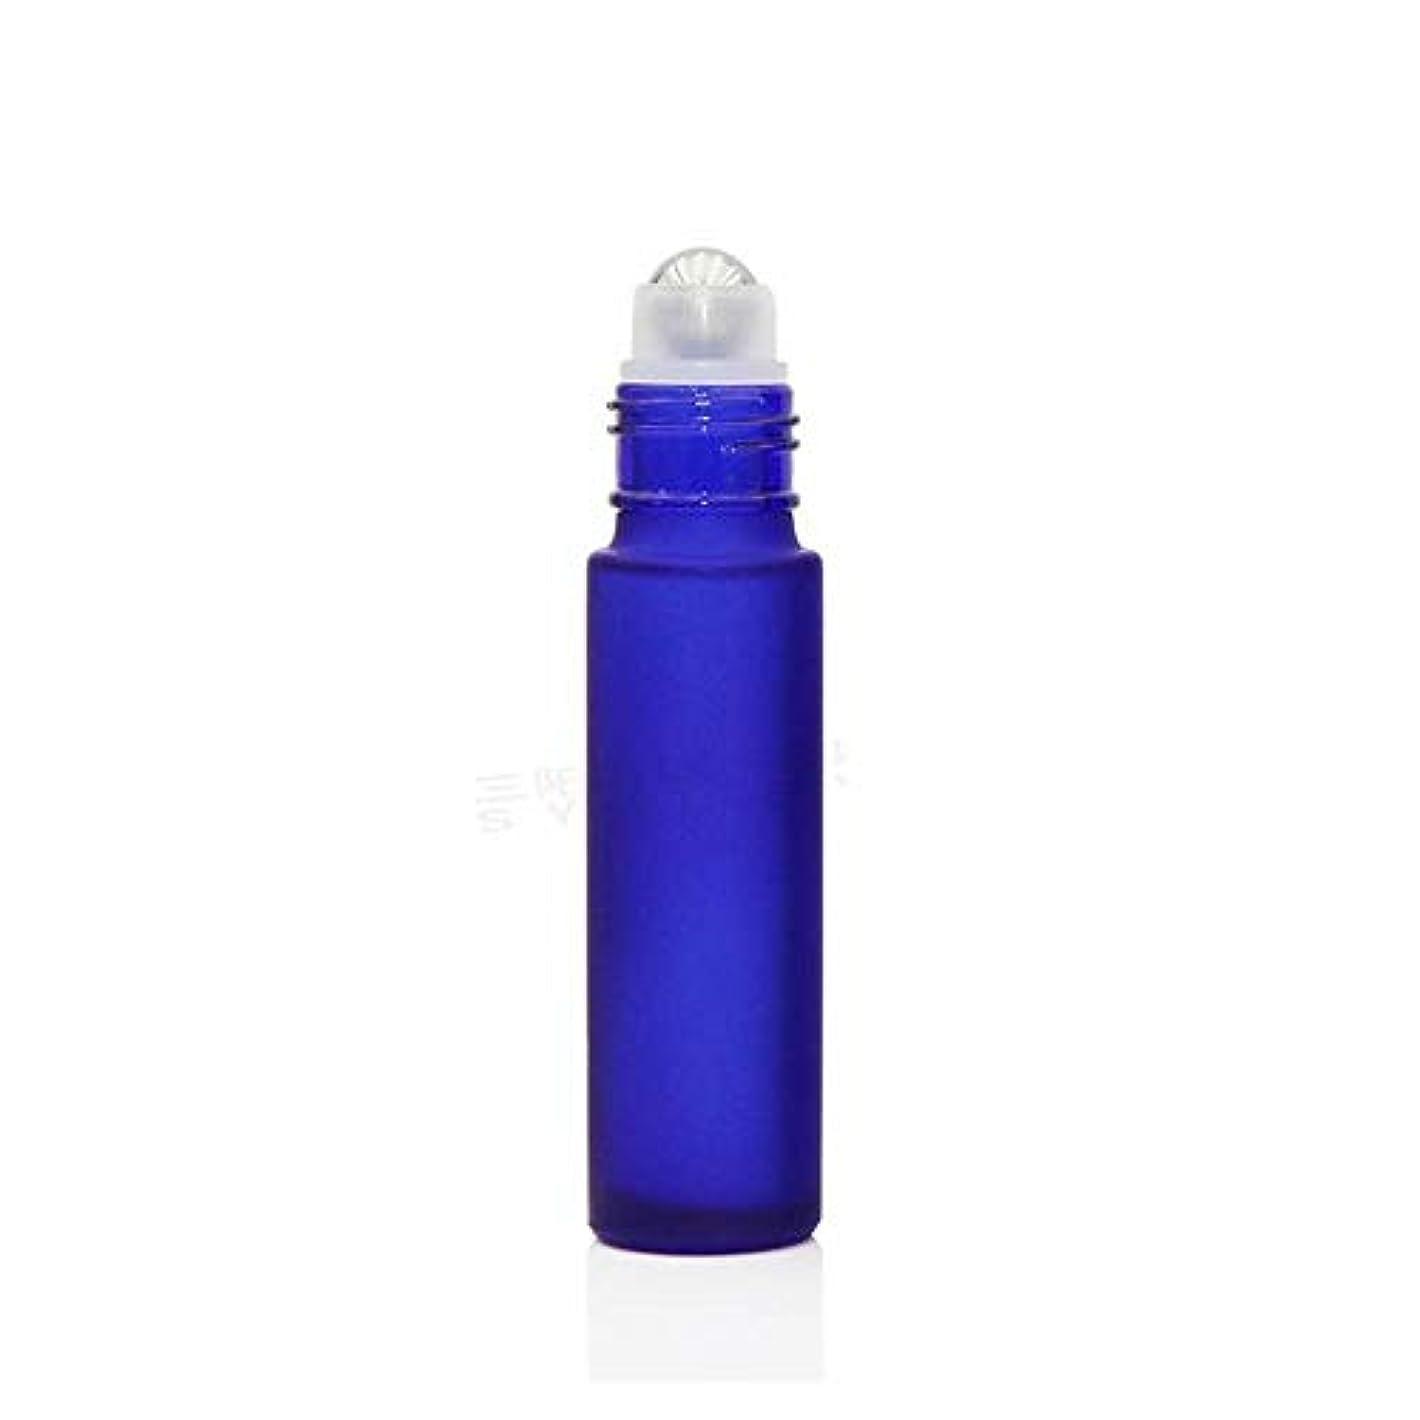 東部簡単に尊敬するgundoop ロールオンボトル アロマオイル 精油 小分け用 遮光瓶 10ml 10本セット ガラスロールタイプ (ブルー)